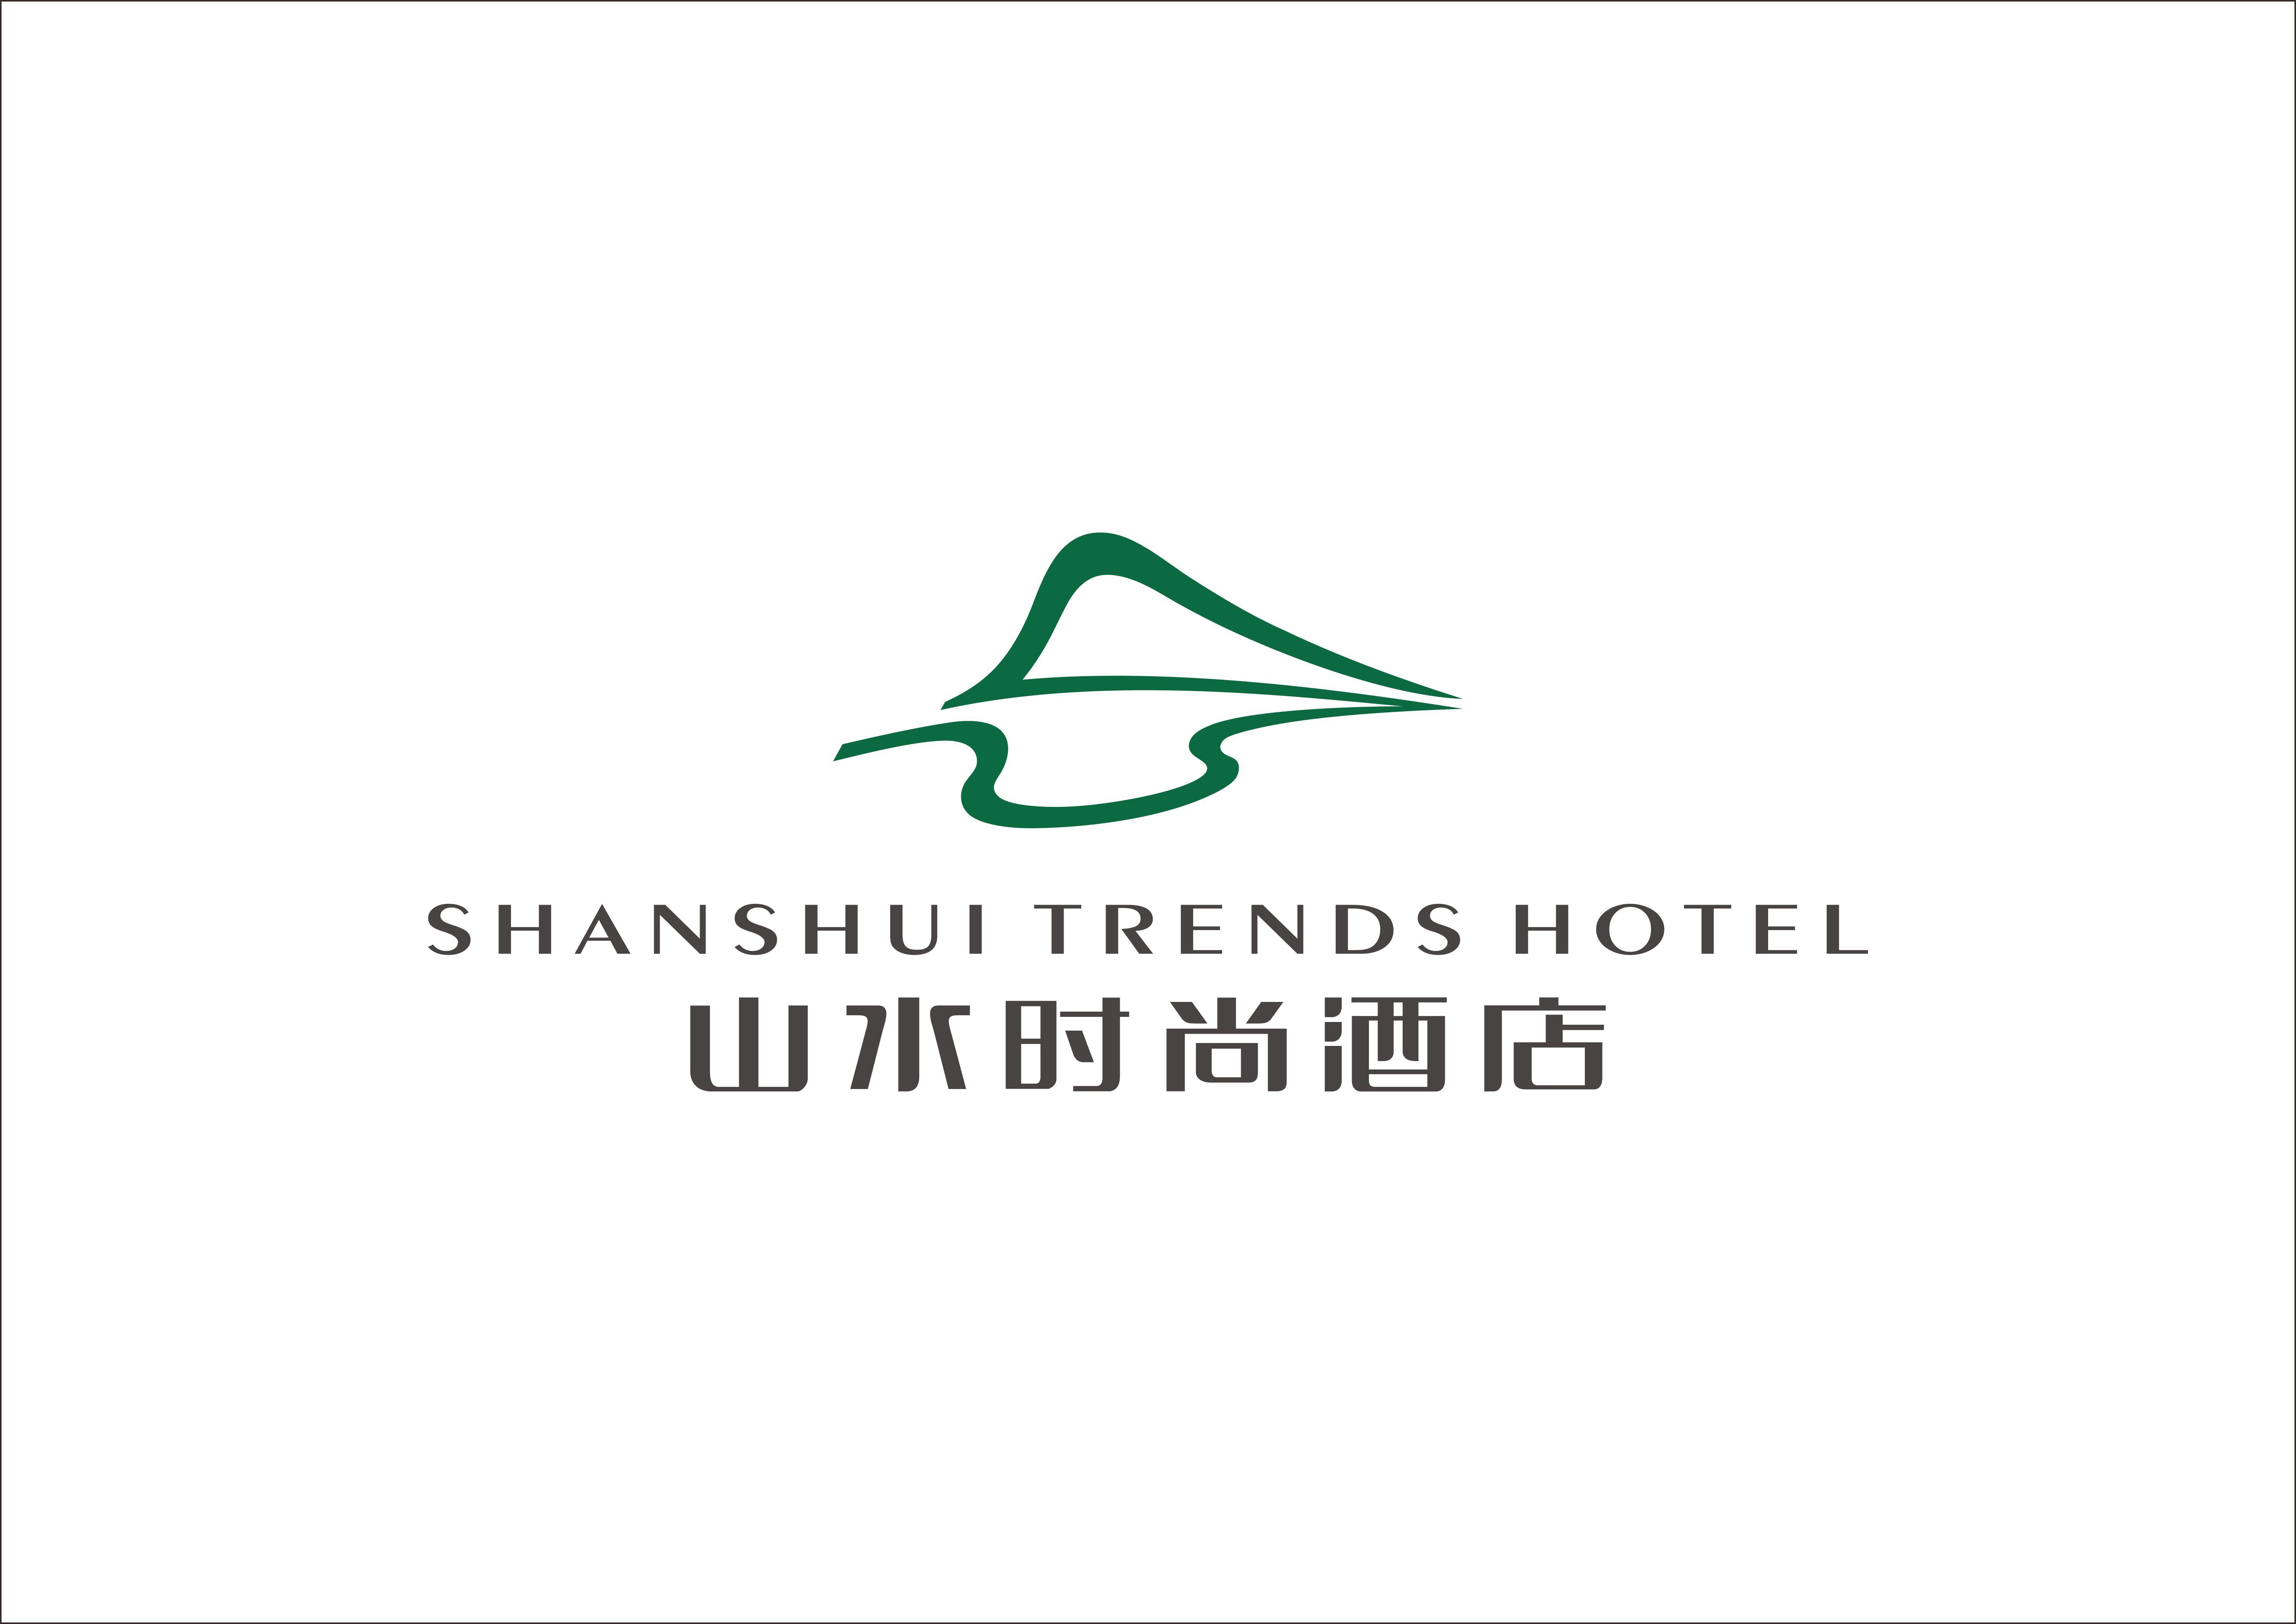 中青旅山水时尚酒店加盟